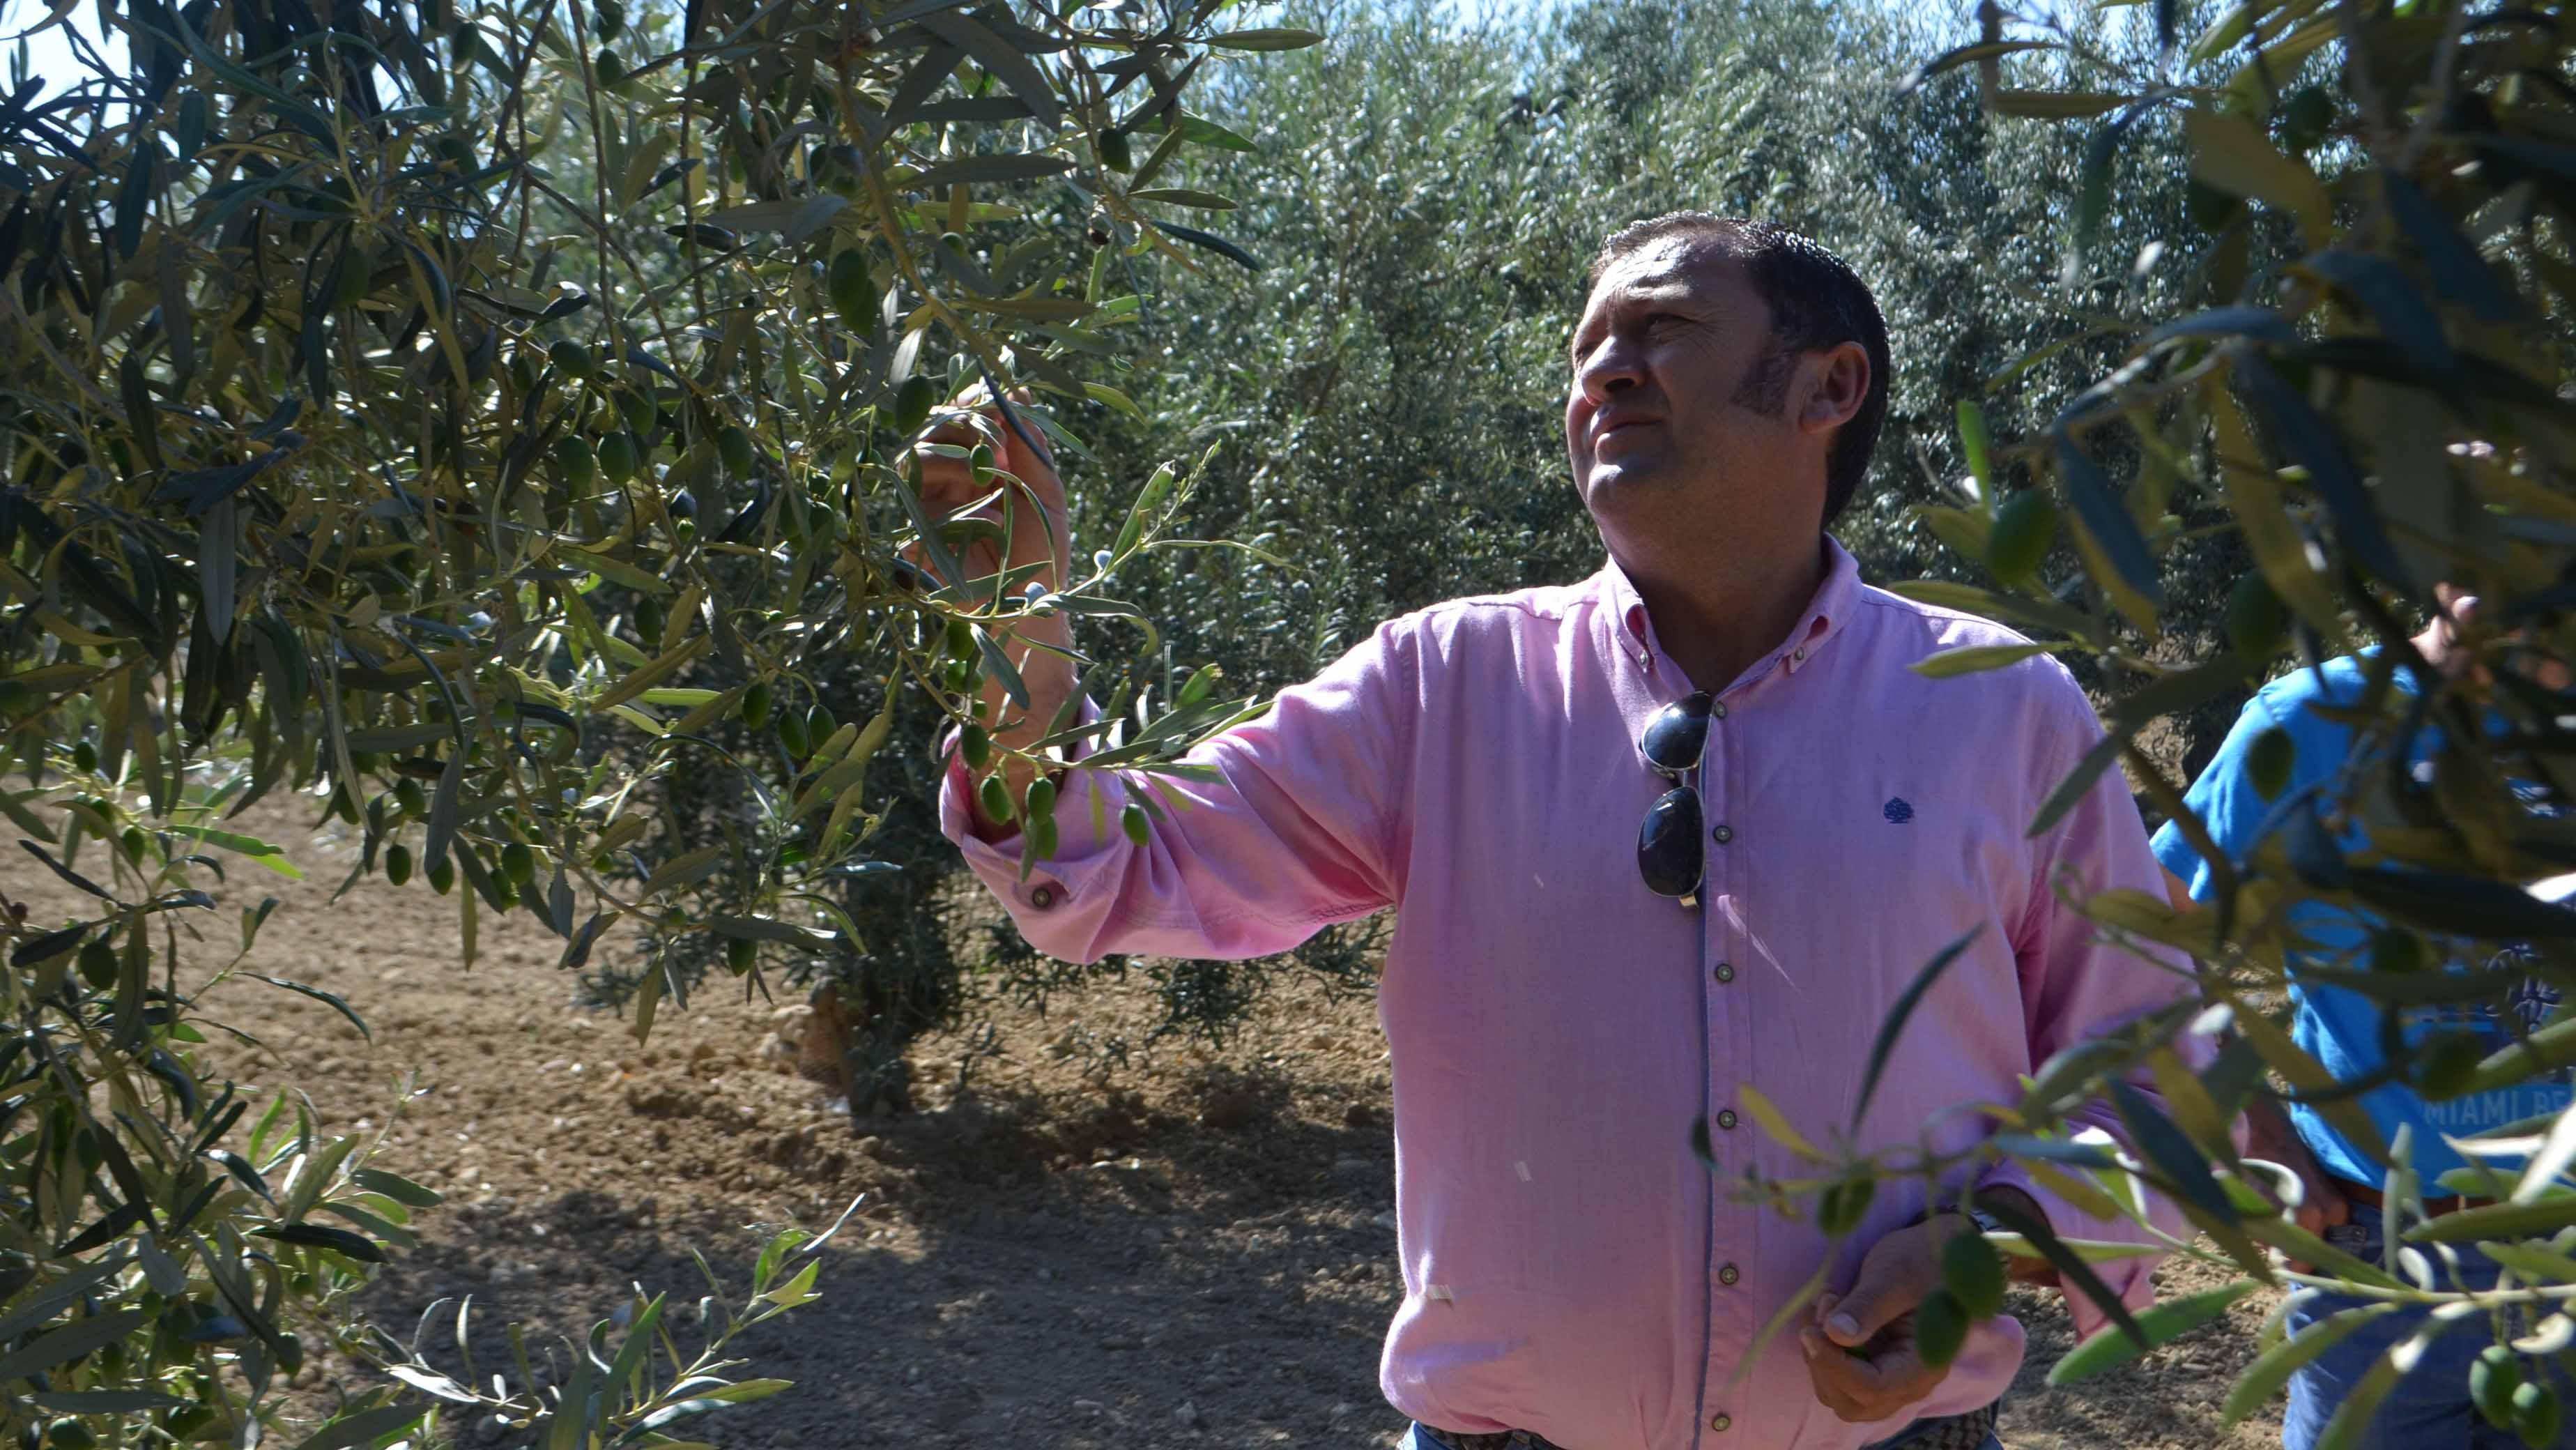 Utrera es uno de los mayores productores mundiales de aceituna gordal